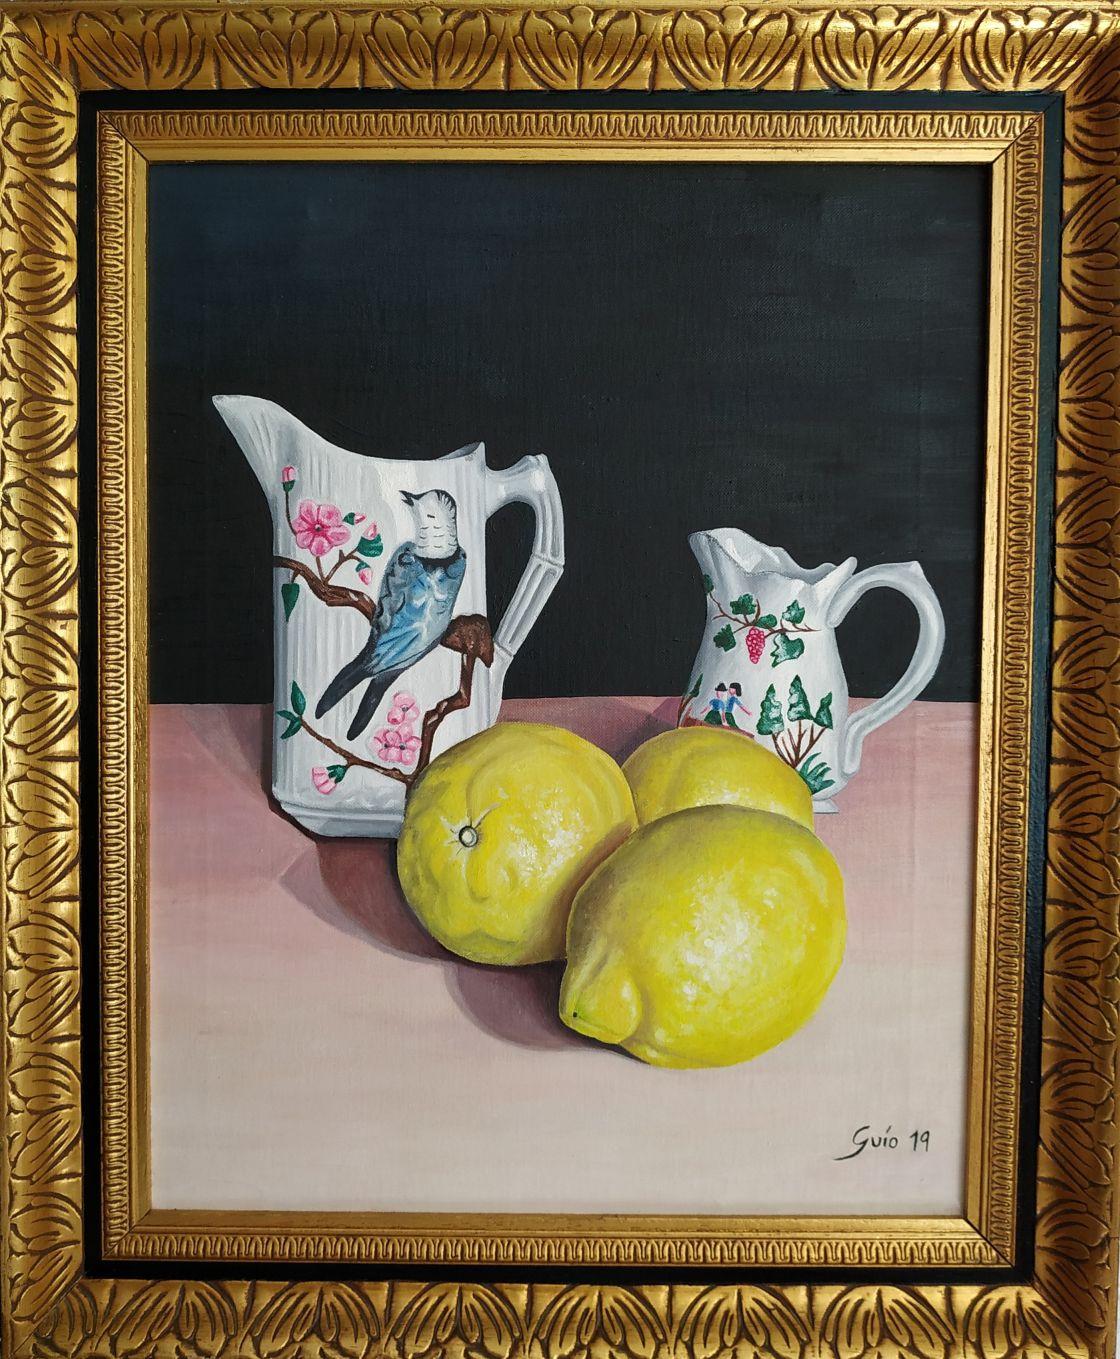 Limones y barro (2019) - Ana Palomo Blázquez - Guío